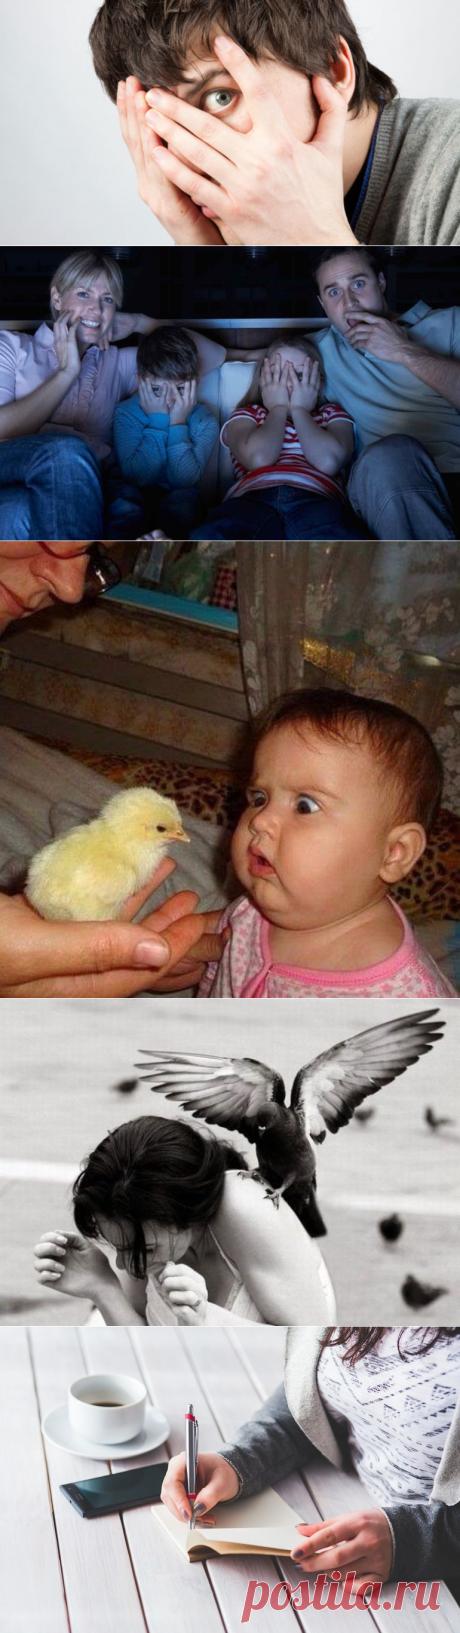 Орнитофобия: причины и симптомы патологии, способы лечения боязни птиц